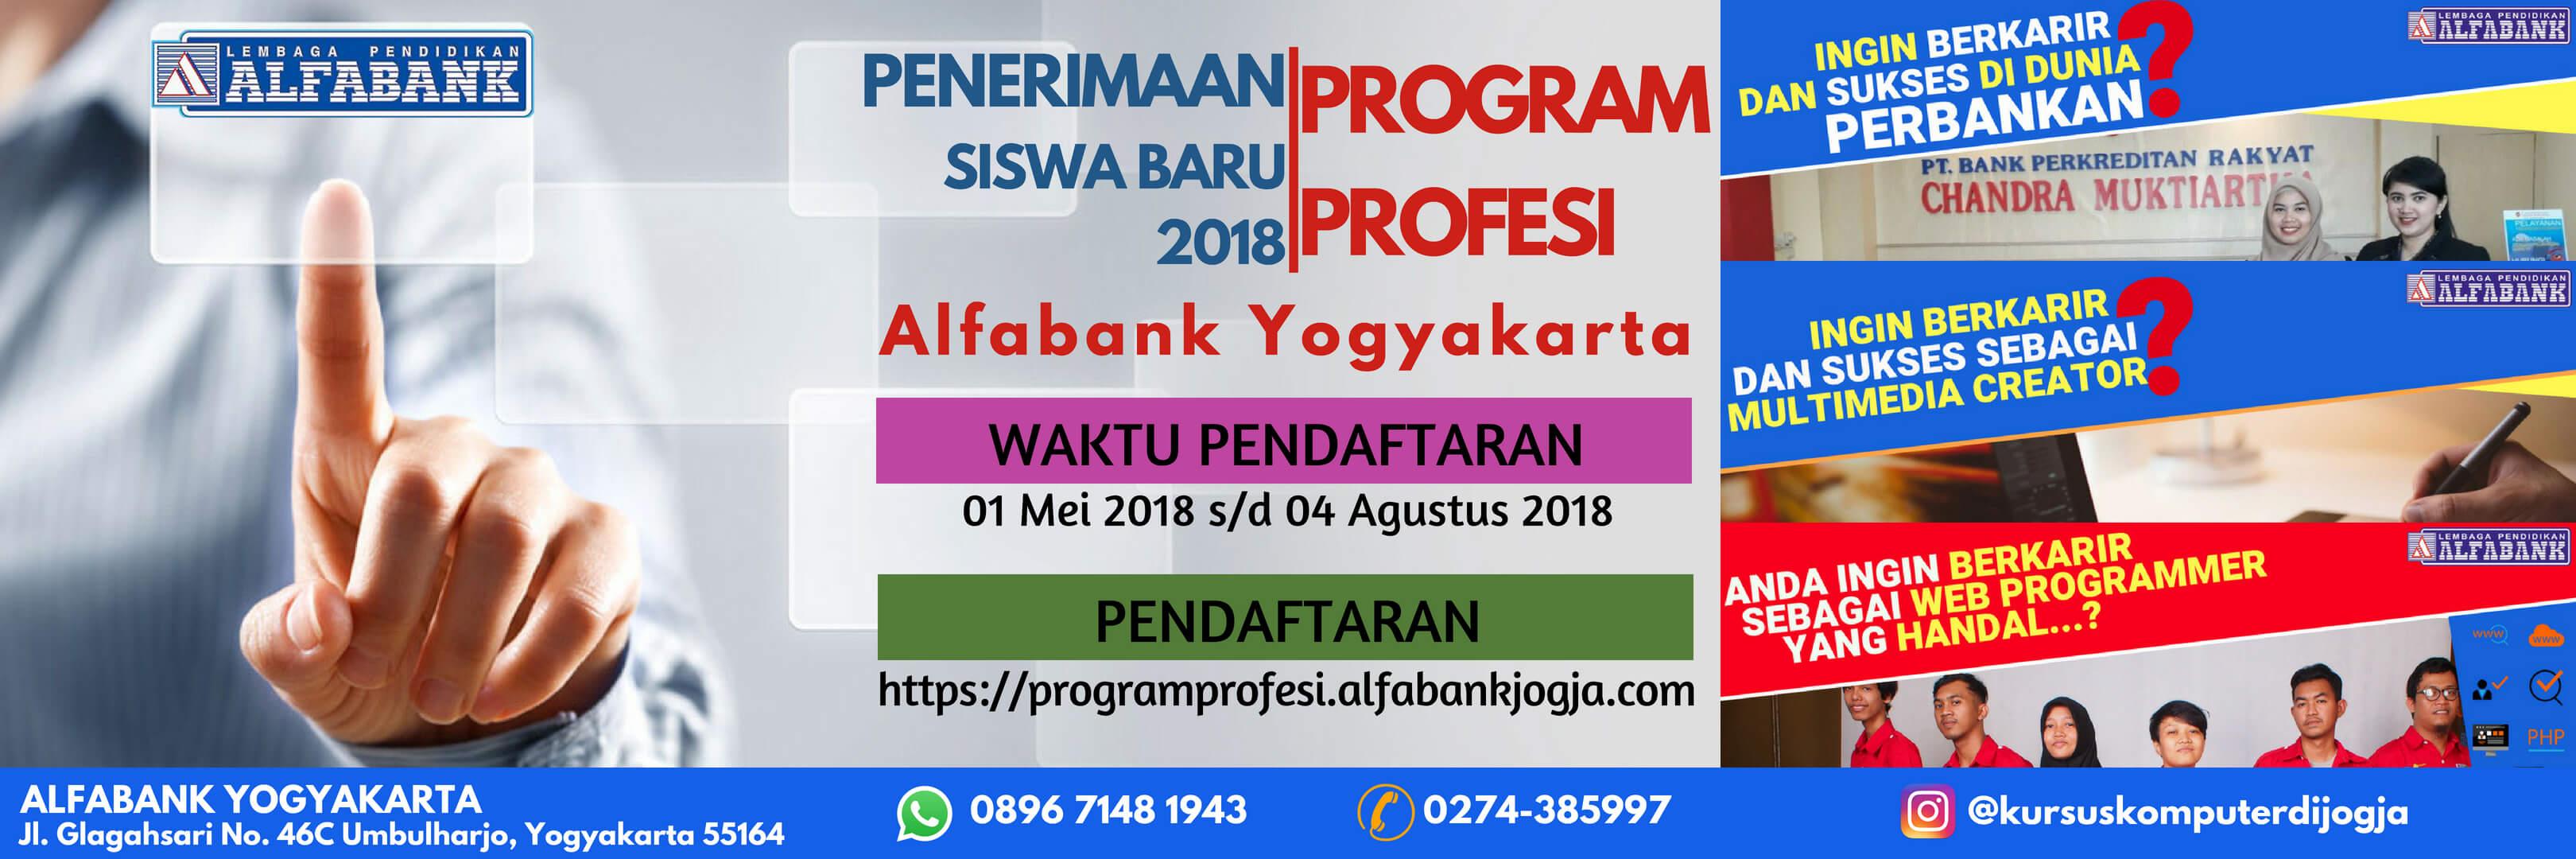 Penerimaan Siswa Baru Program Profesi Alfabank Yogyakarta